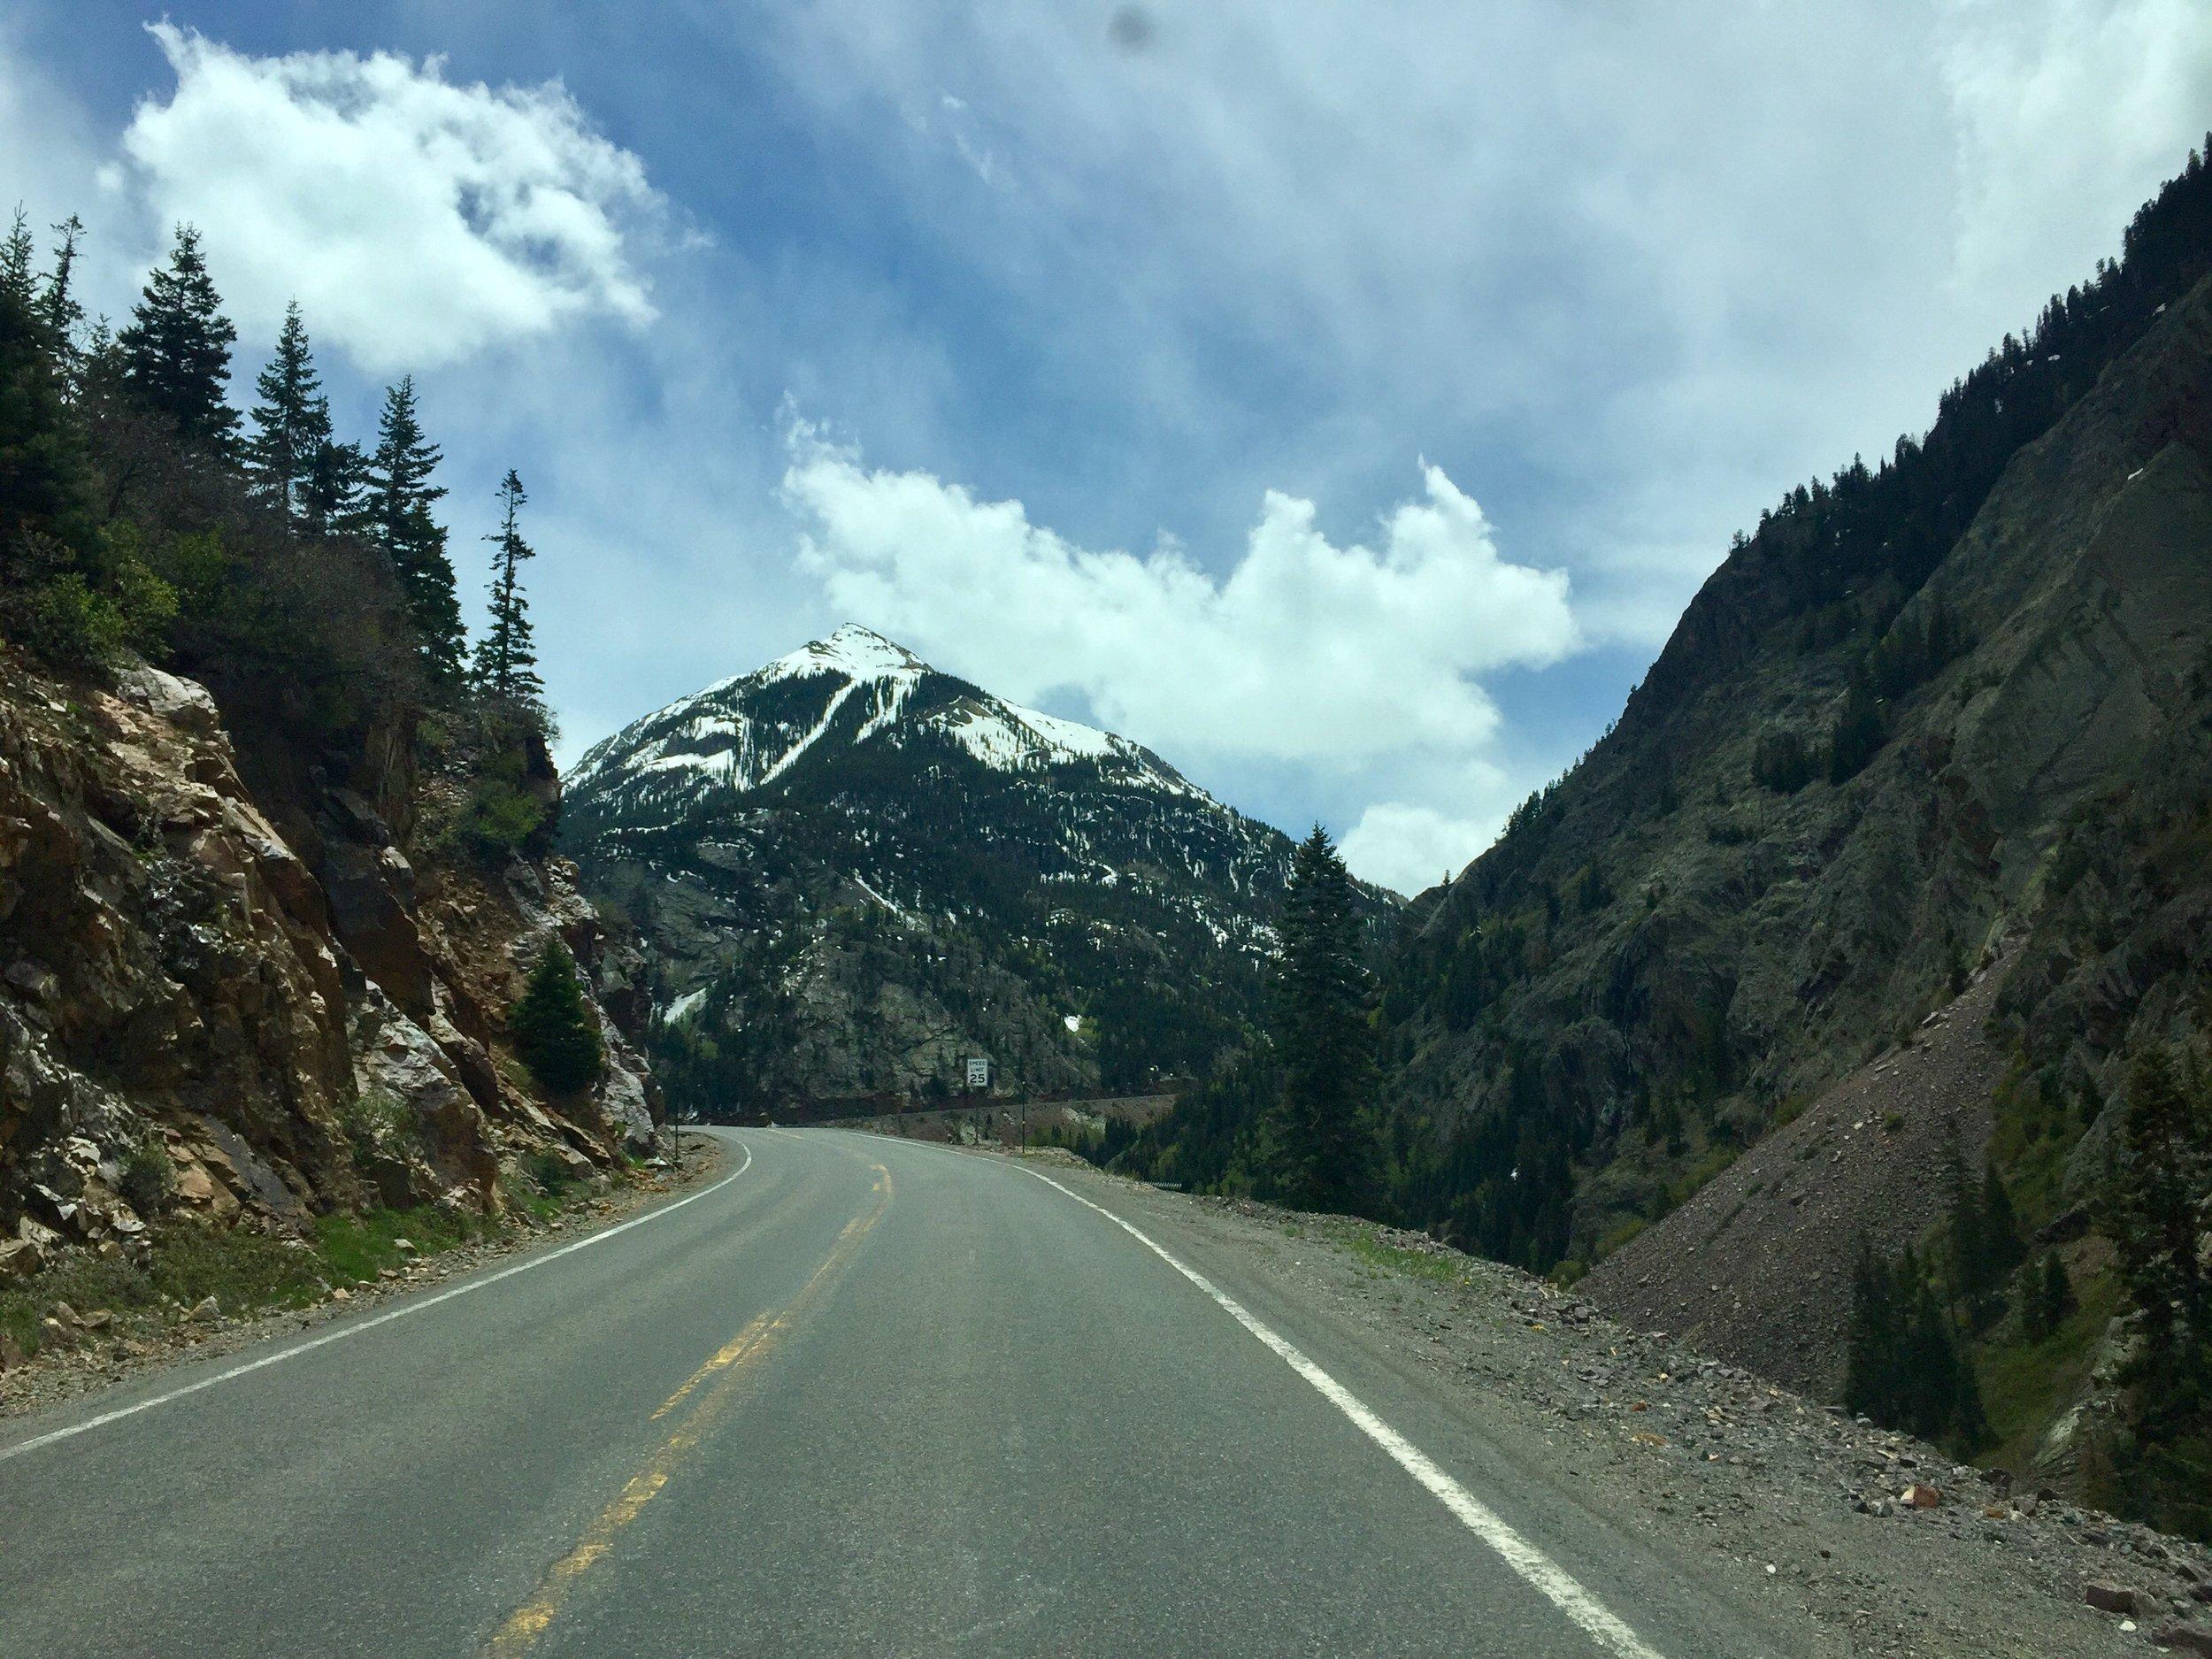 auf dem Weg nach Durango_2.jpg